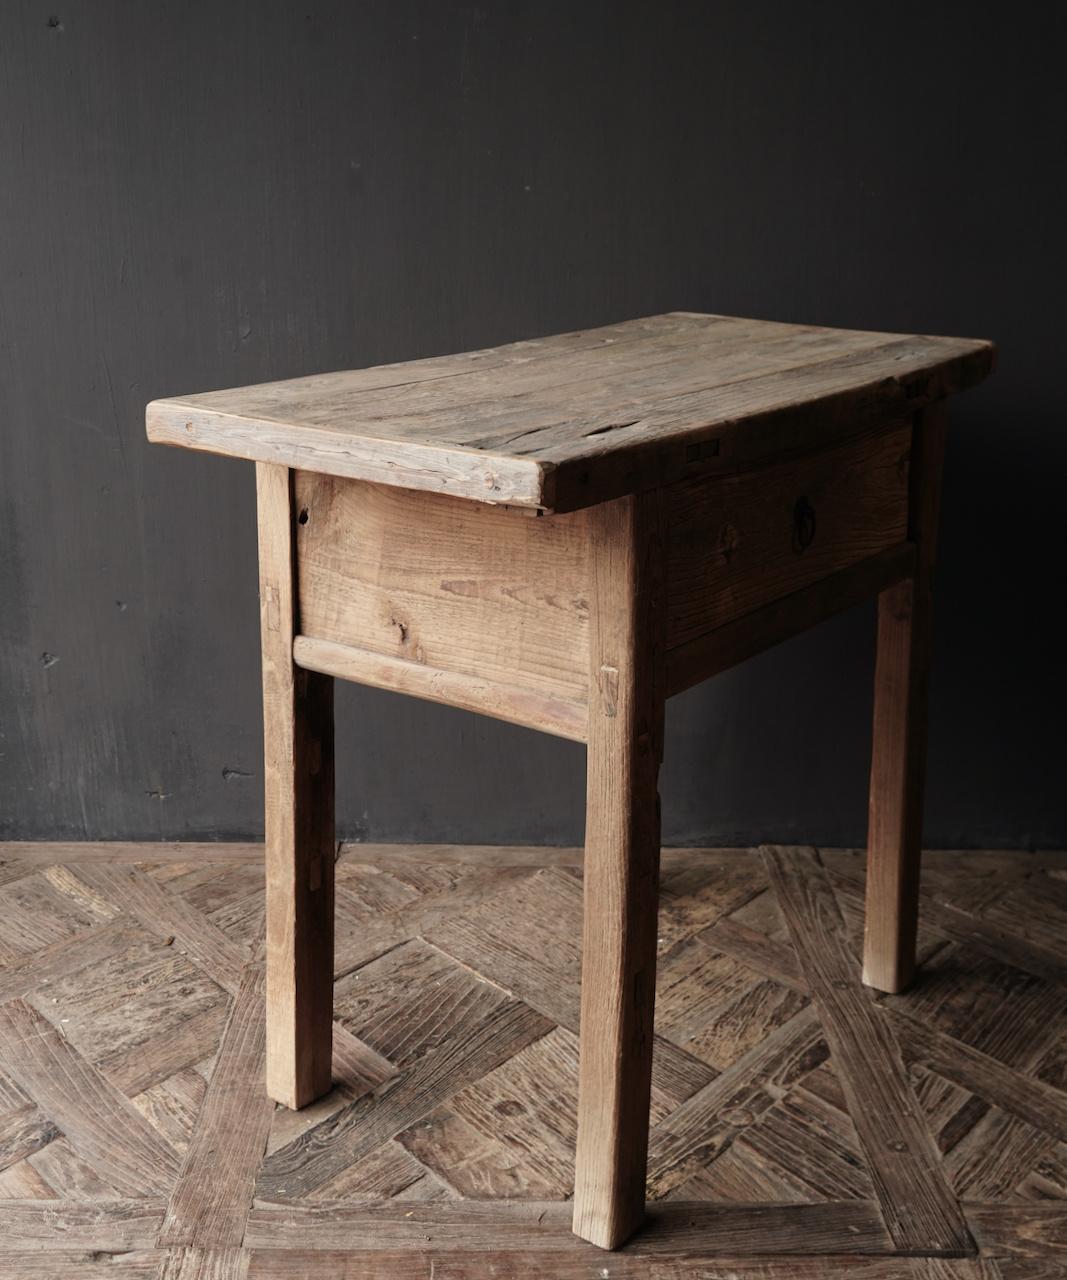 Alter Beistelltisch aus Stoer Elmwood / Ulmenholz Wandtisch mit Schublade-8